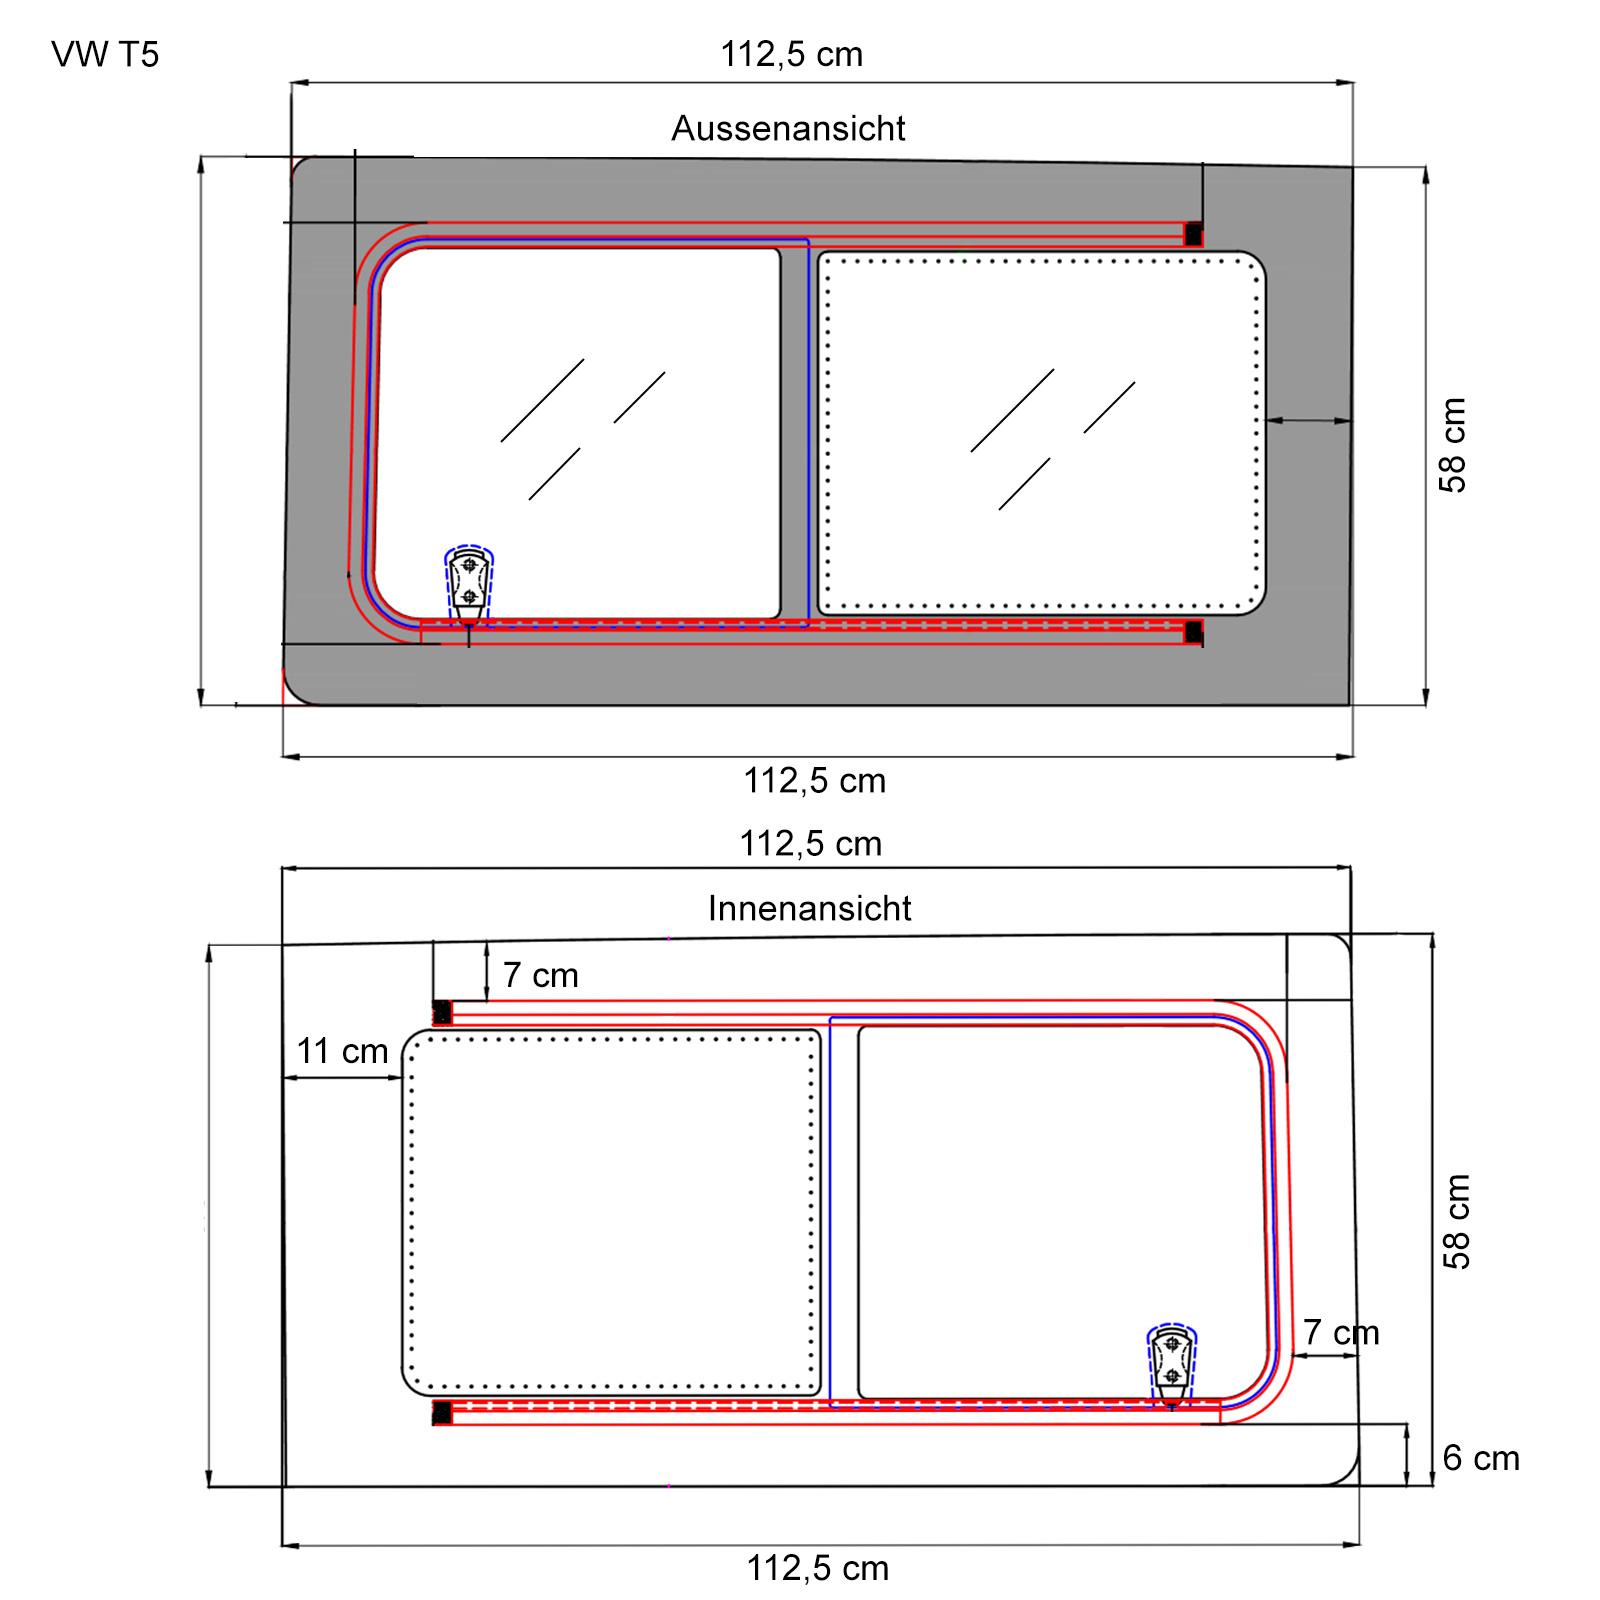 Schiebefenster-Seitenfenster-getoent-rechts-fuer-VW-T5-T6-Echtglas-113x58-cm Indexbild 5